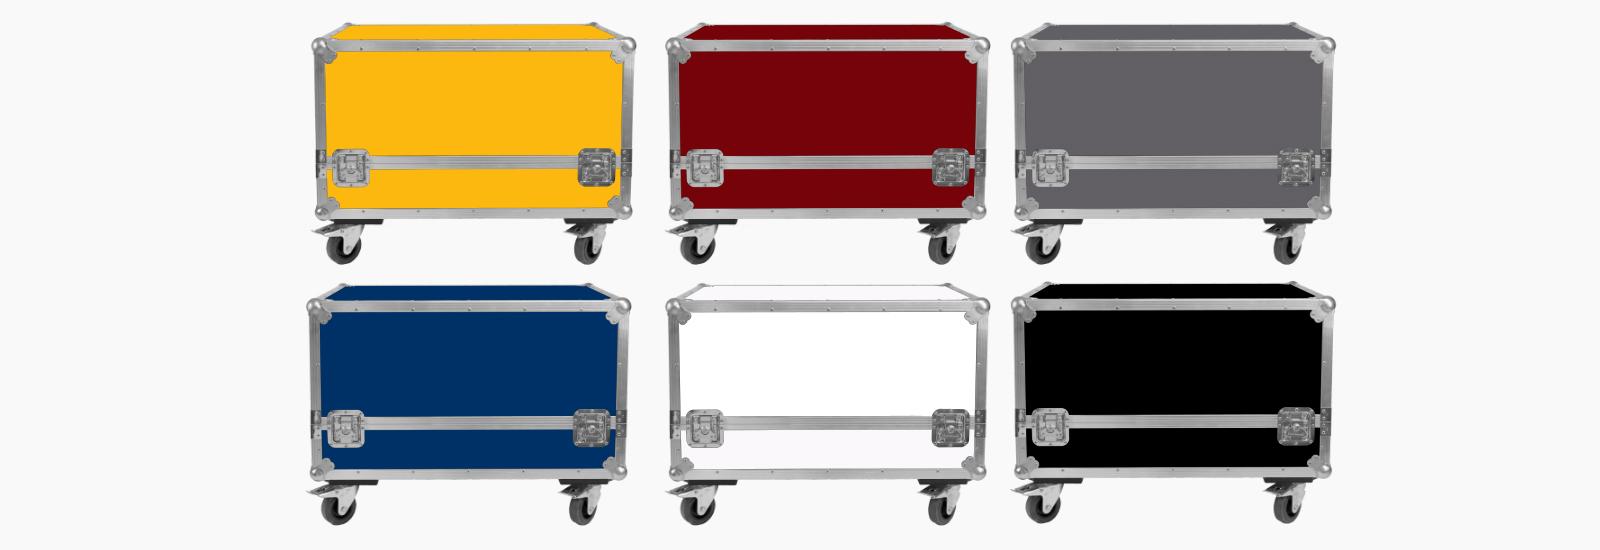 Flightcases i farver